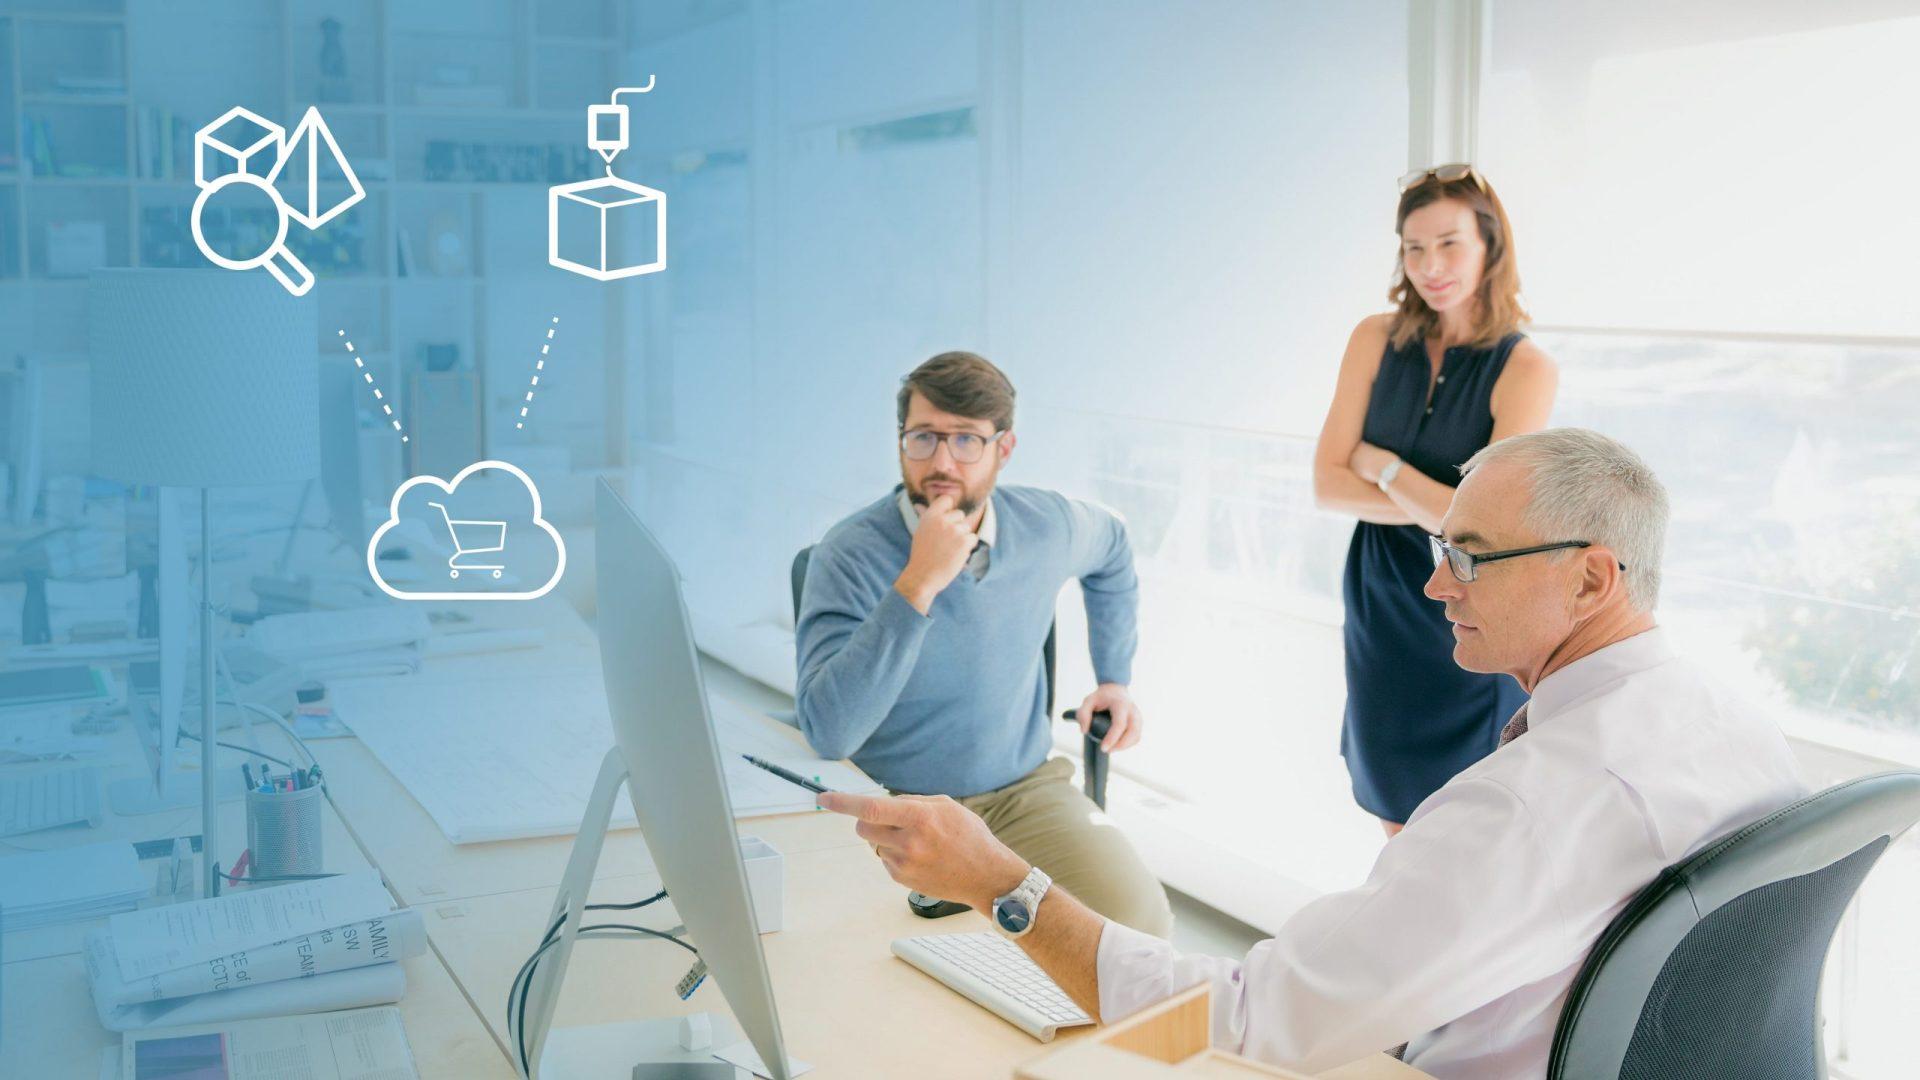 Requirements Engineer in der §DEXPERIENCE Plattform on Cloud